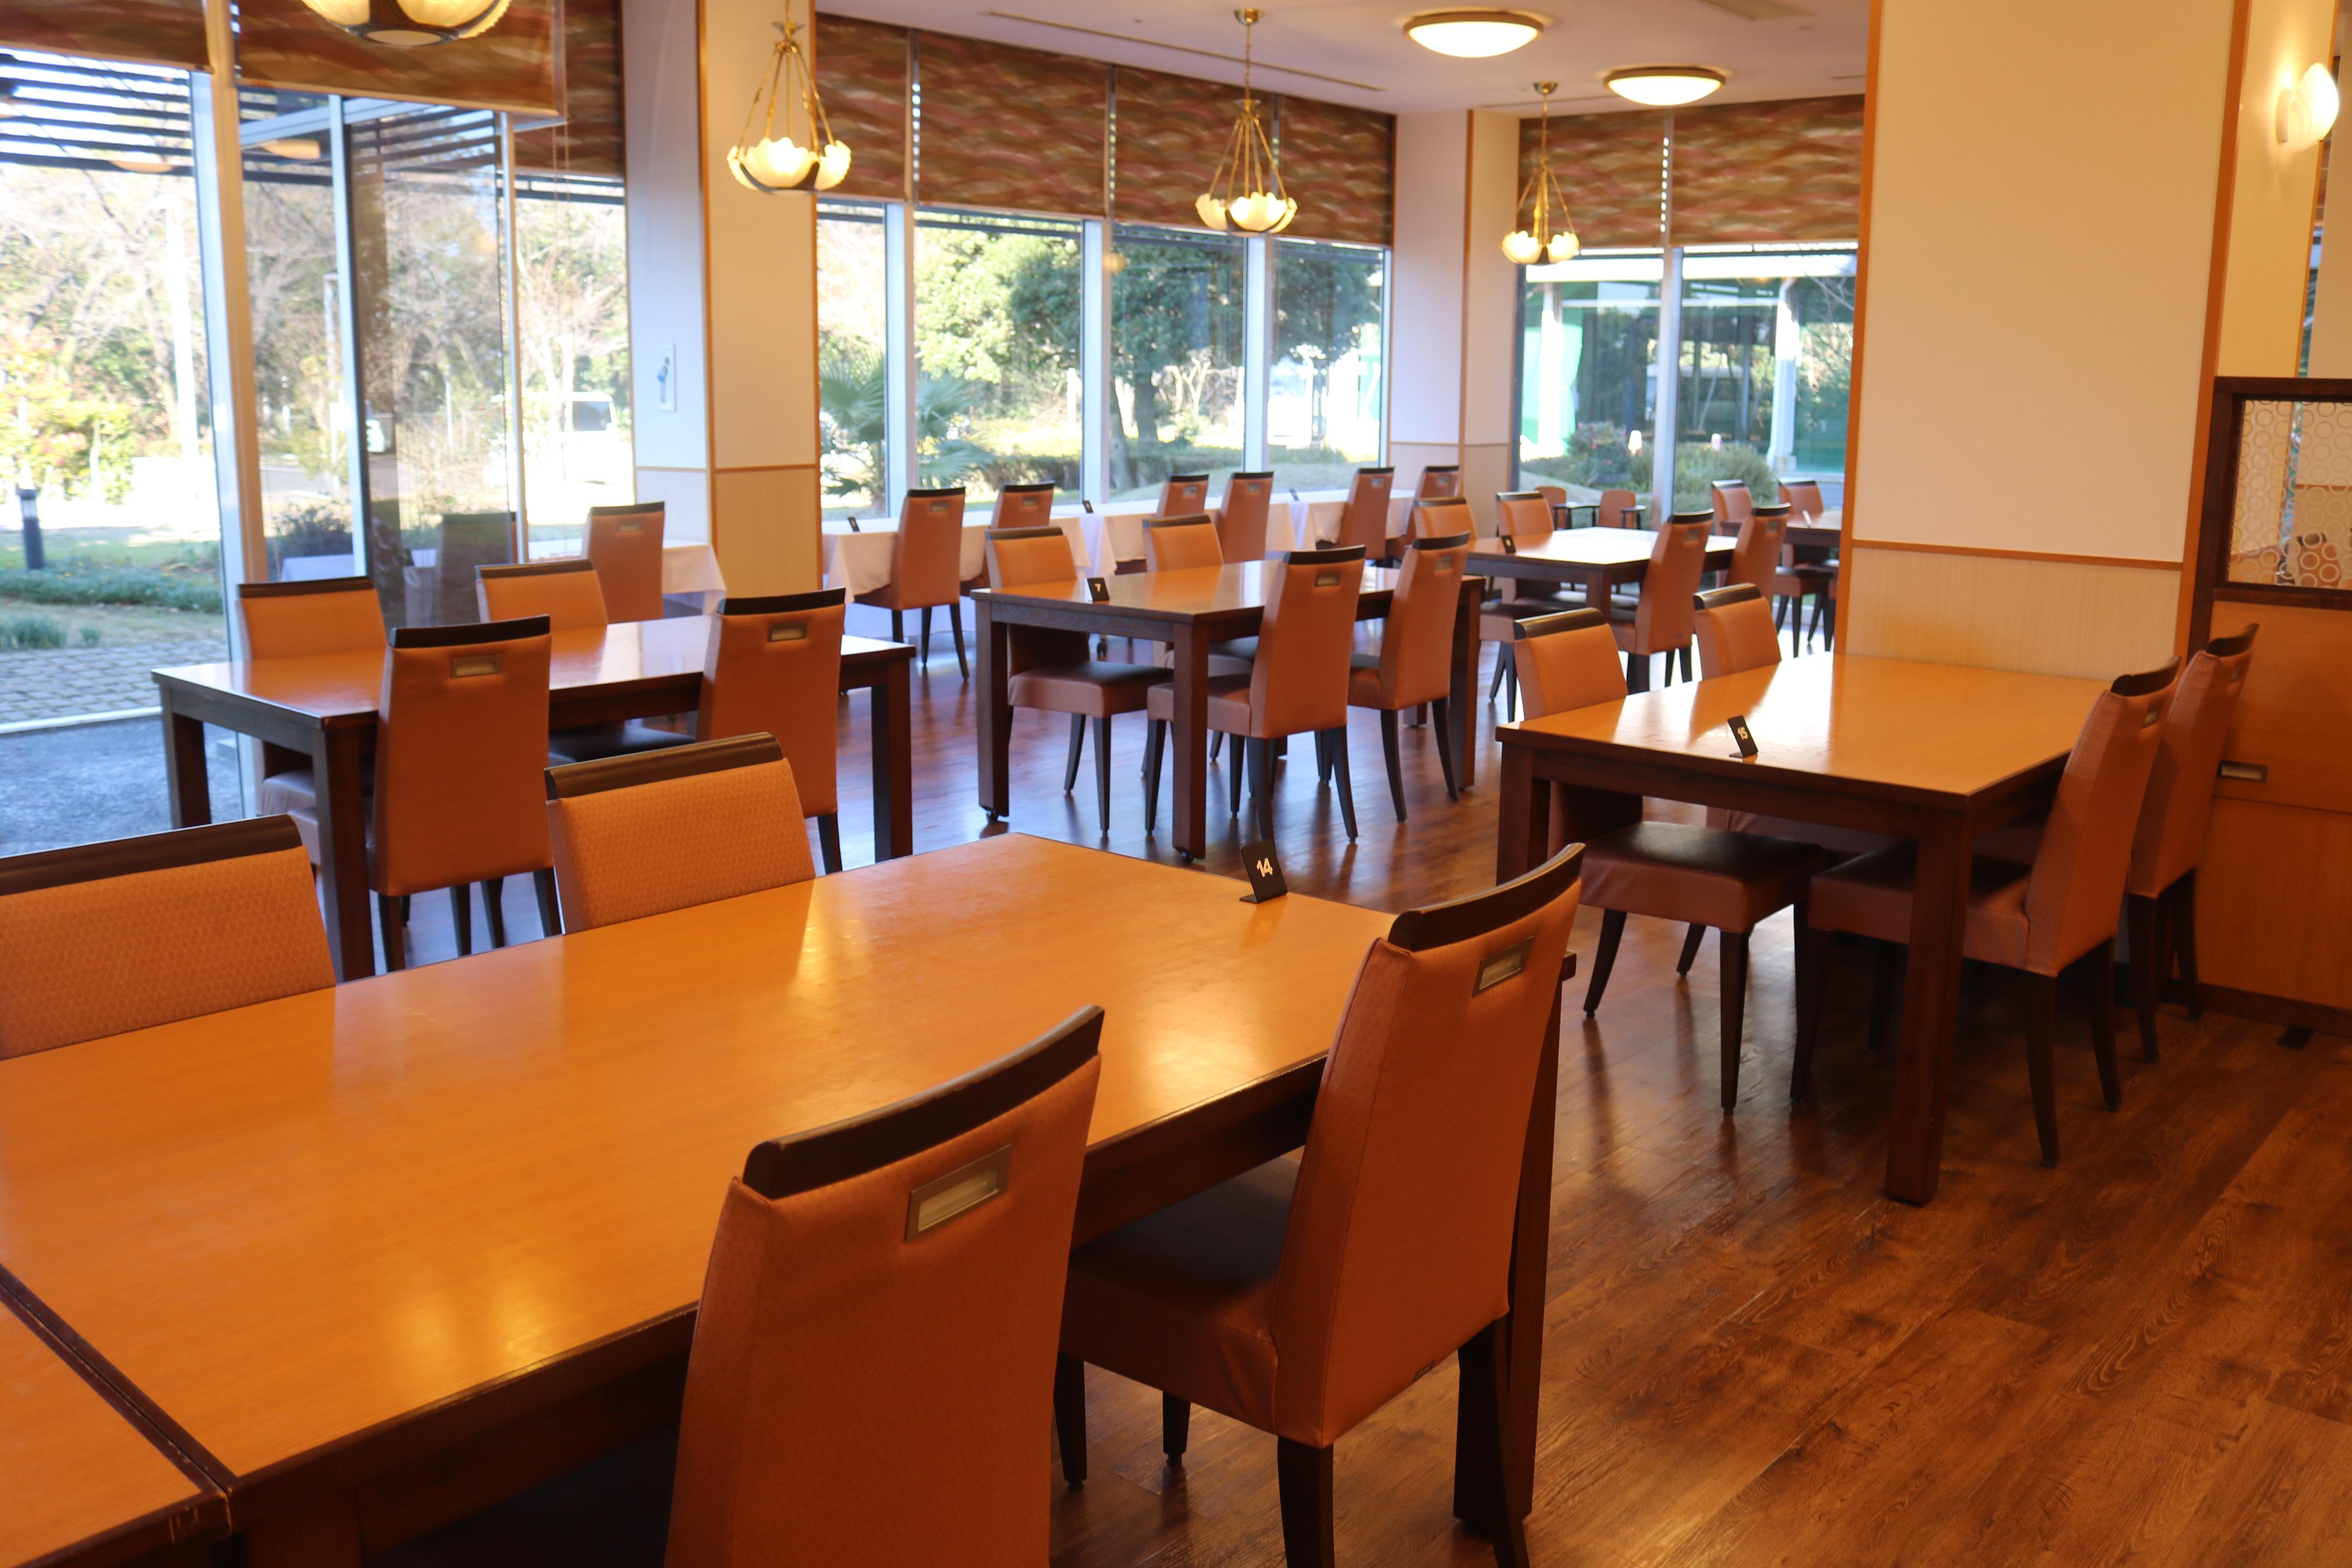 落ち着いた雰囲気のレストラン(要予約)